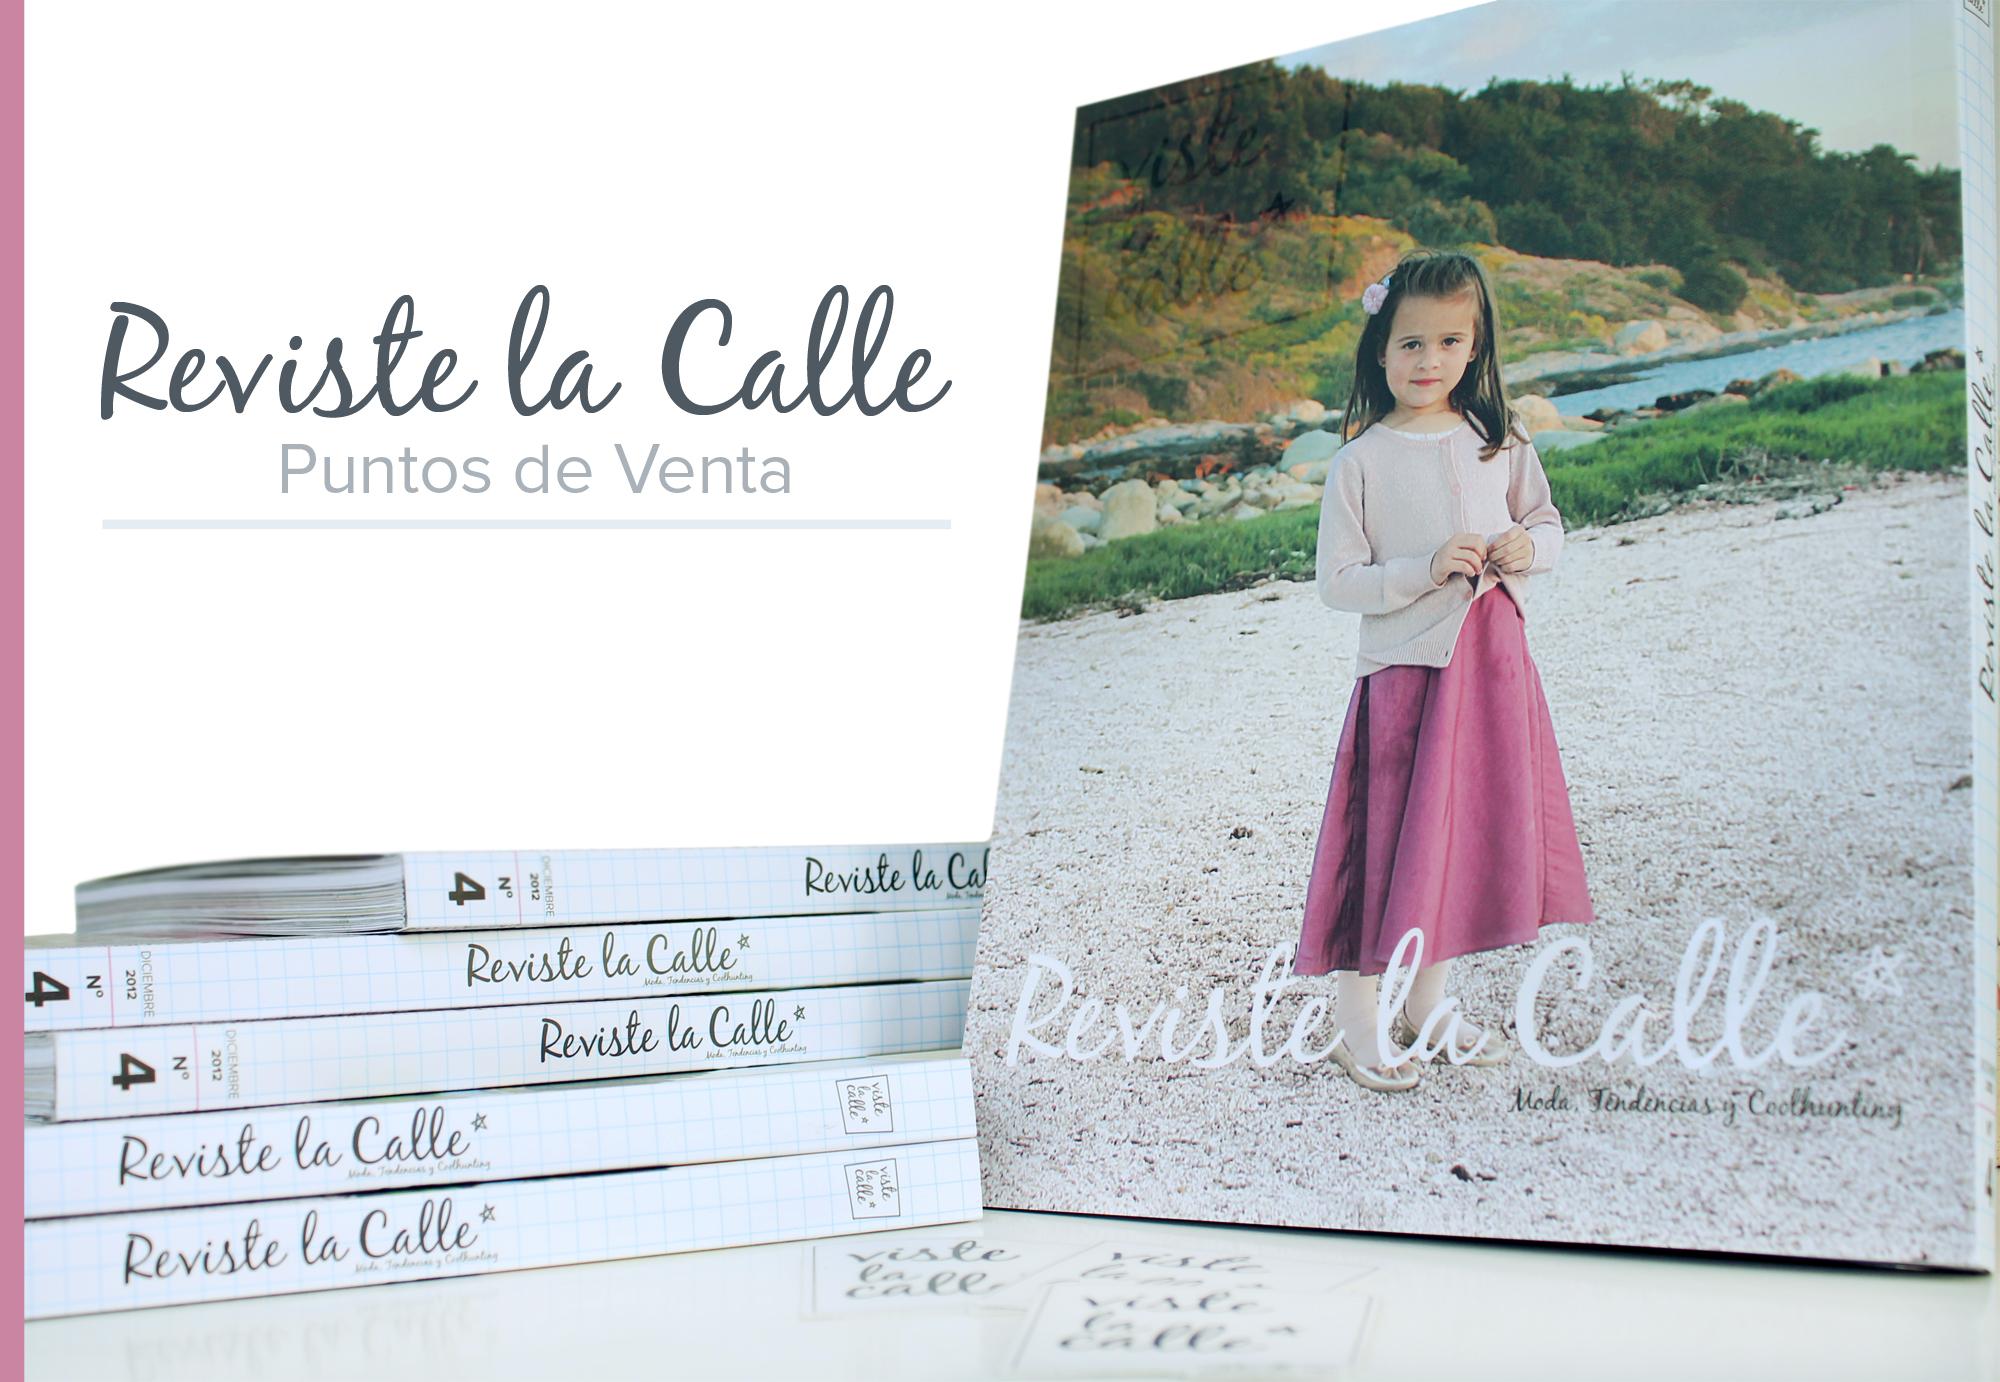 Puntos de venta RevisteLaCalle 4 y 5